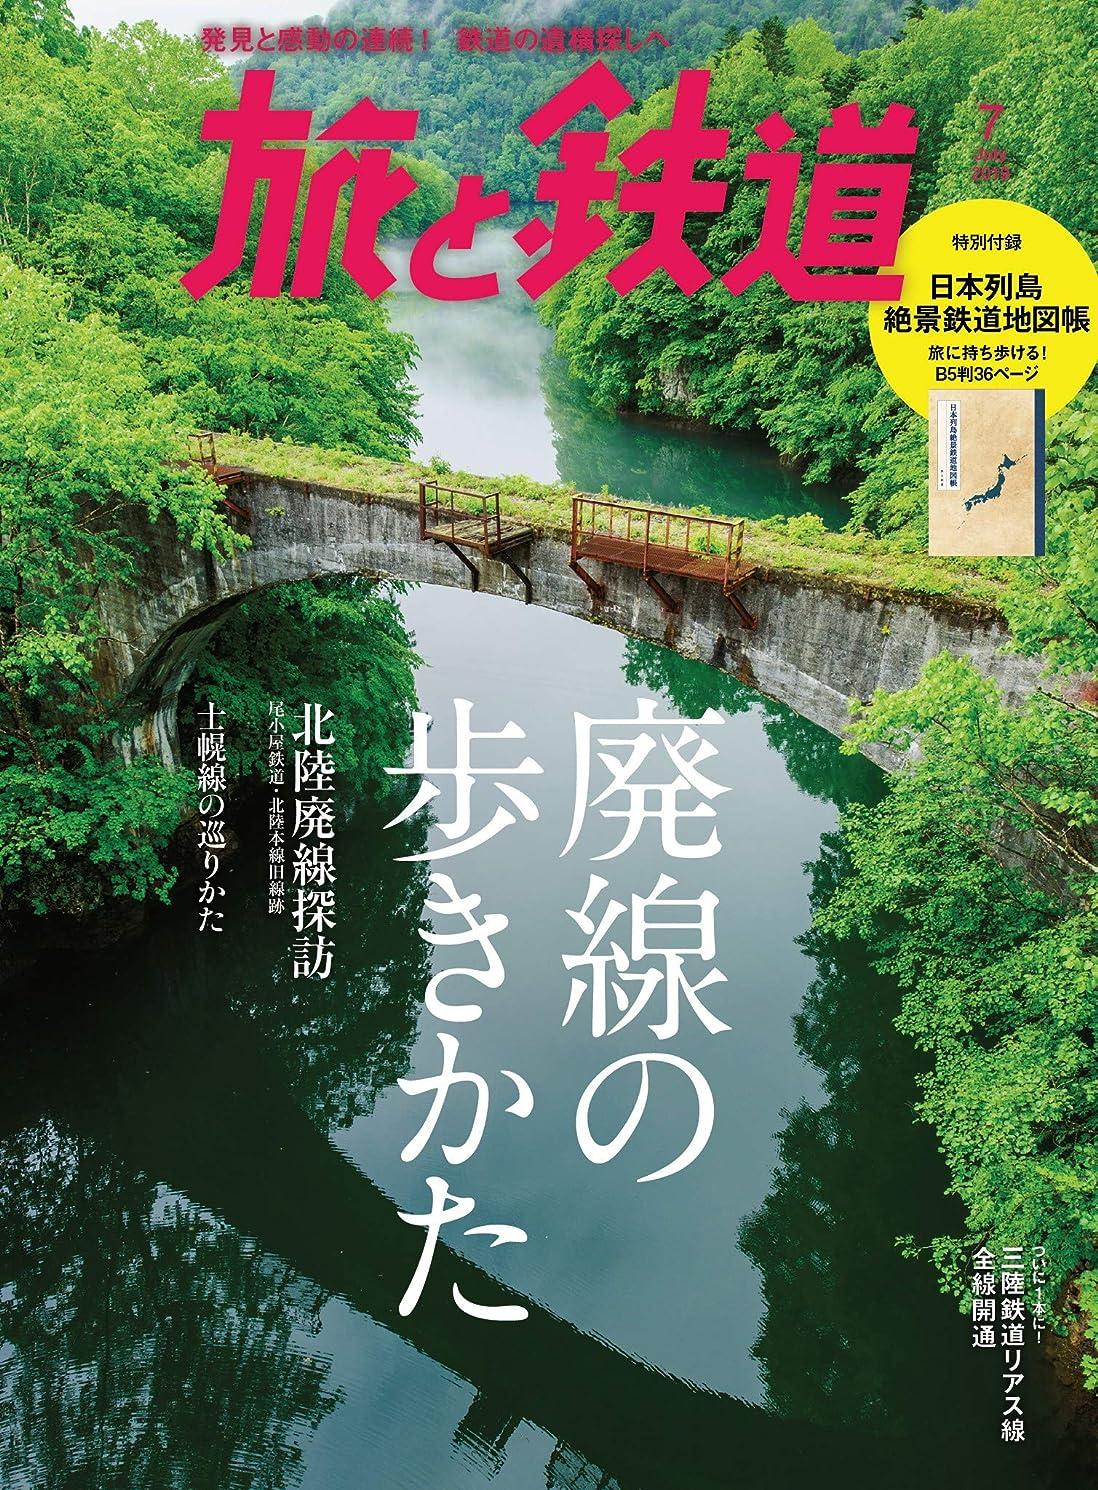 摂氏度ドラフト大旅と鉄道 2019年7月号 廃線の歩きかた [雑誌]